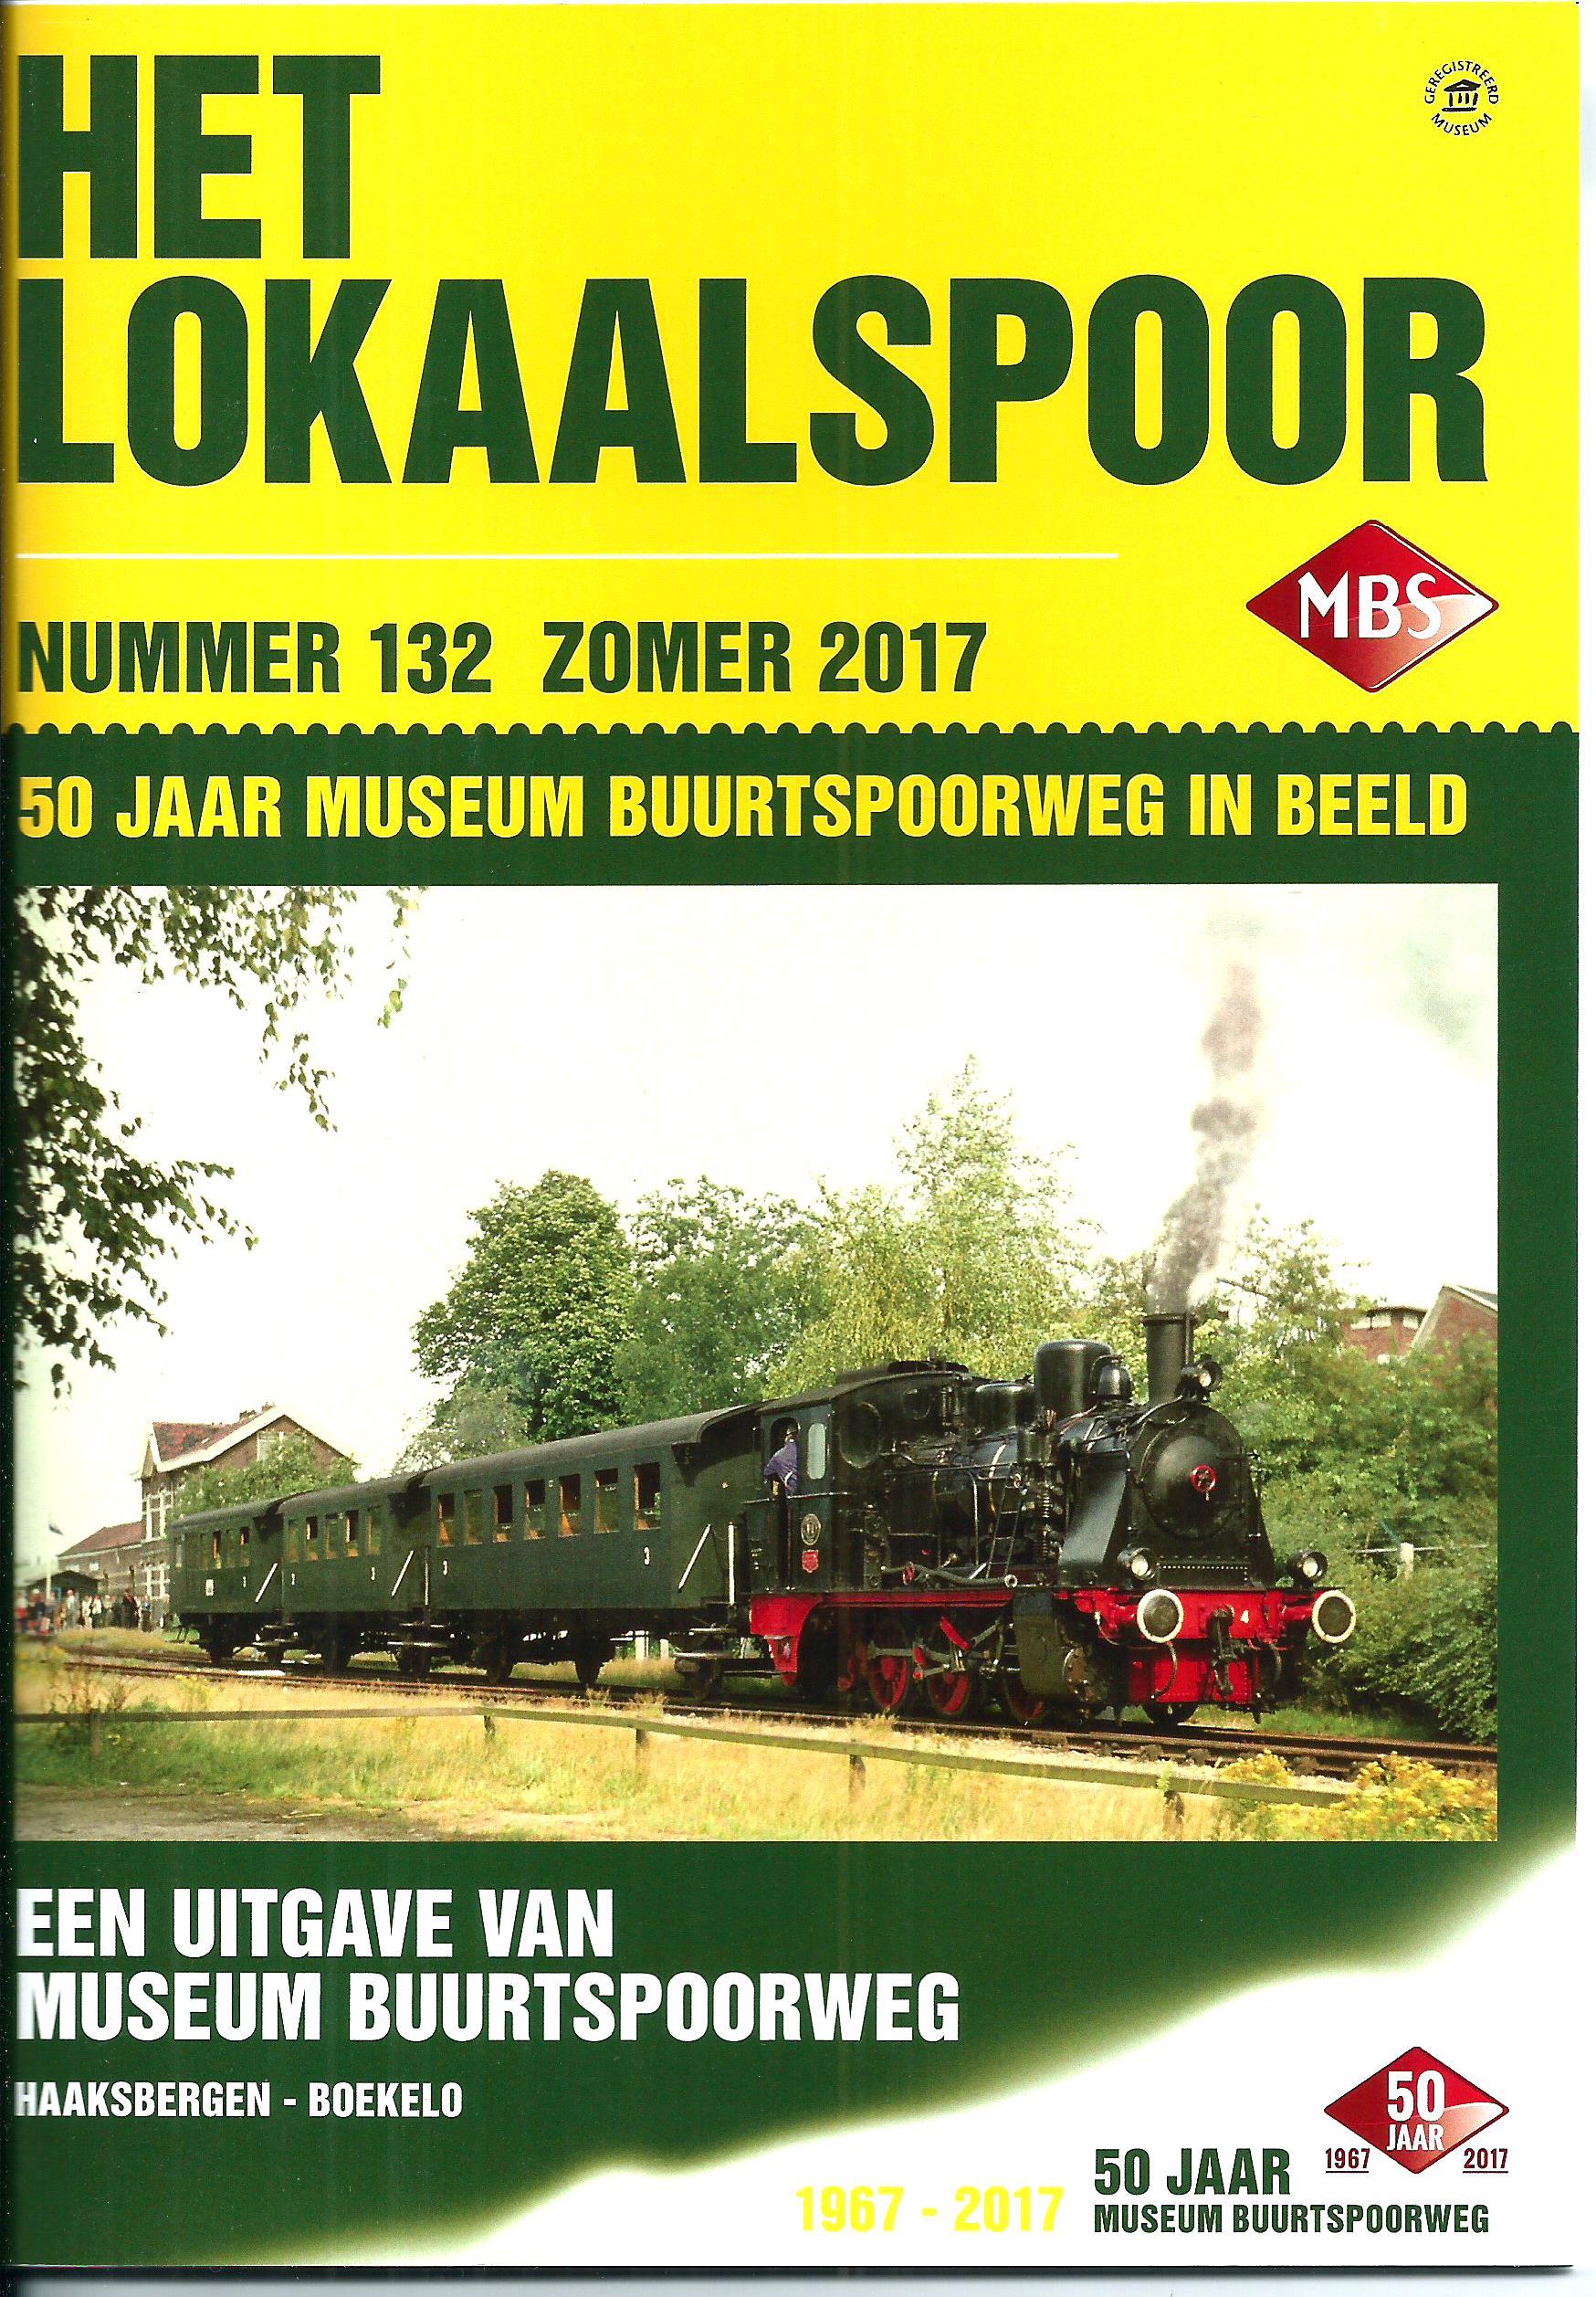 Het Lokaalspoor MBS Haaksbergen zomer 2017